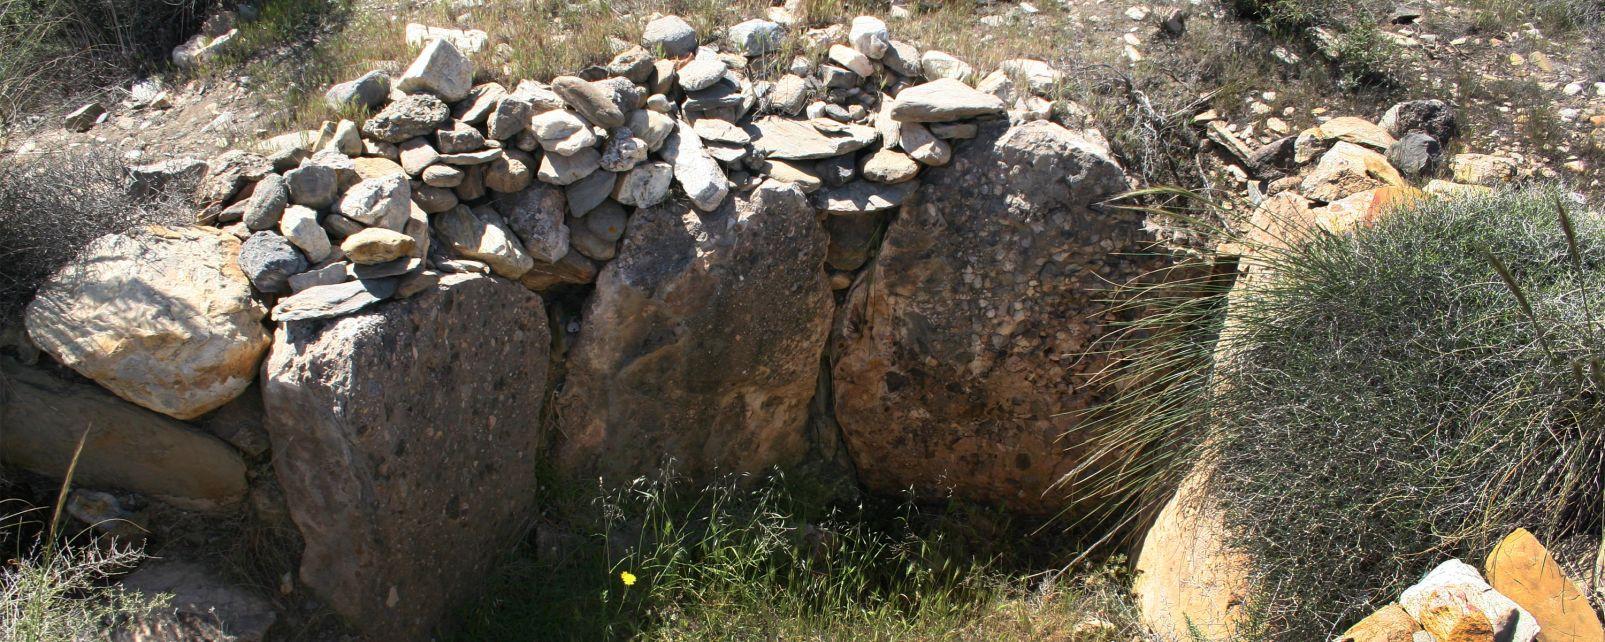 , Yacimientos arqueológicos de Gádor y los Millares, Los monumentos, Andalucía